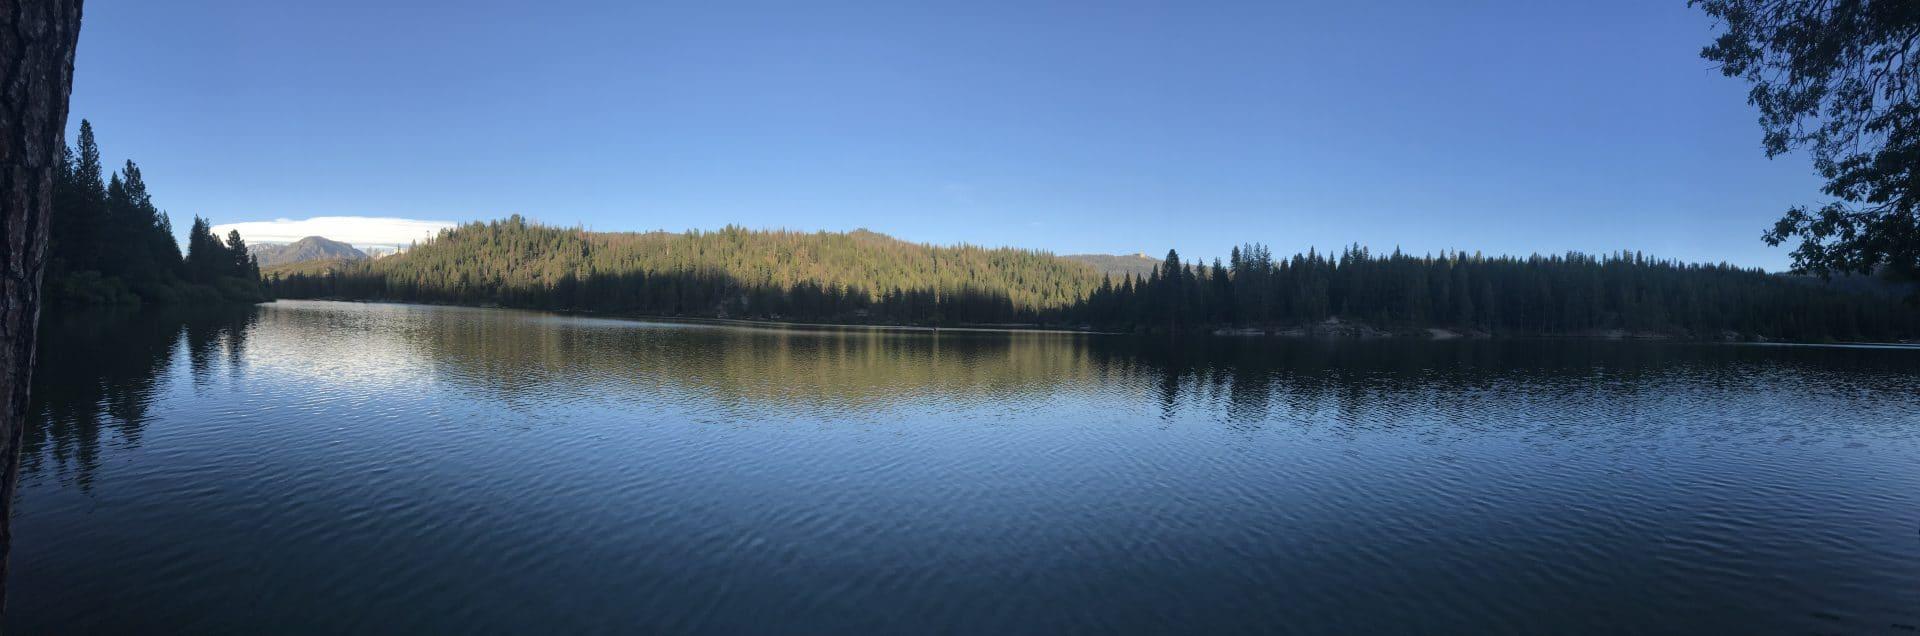 hume lake california pano